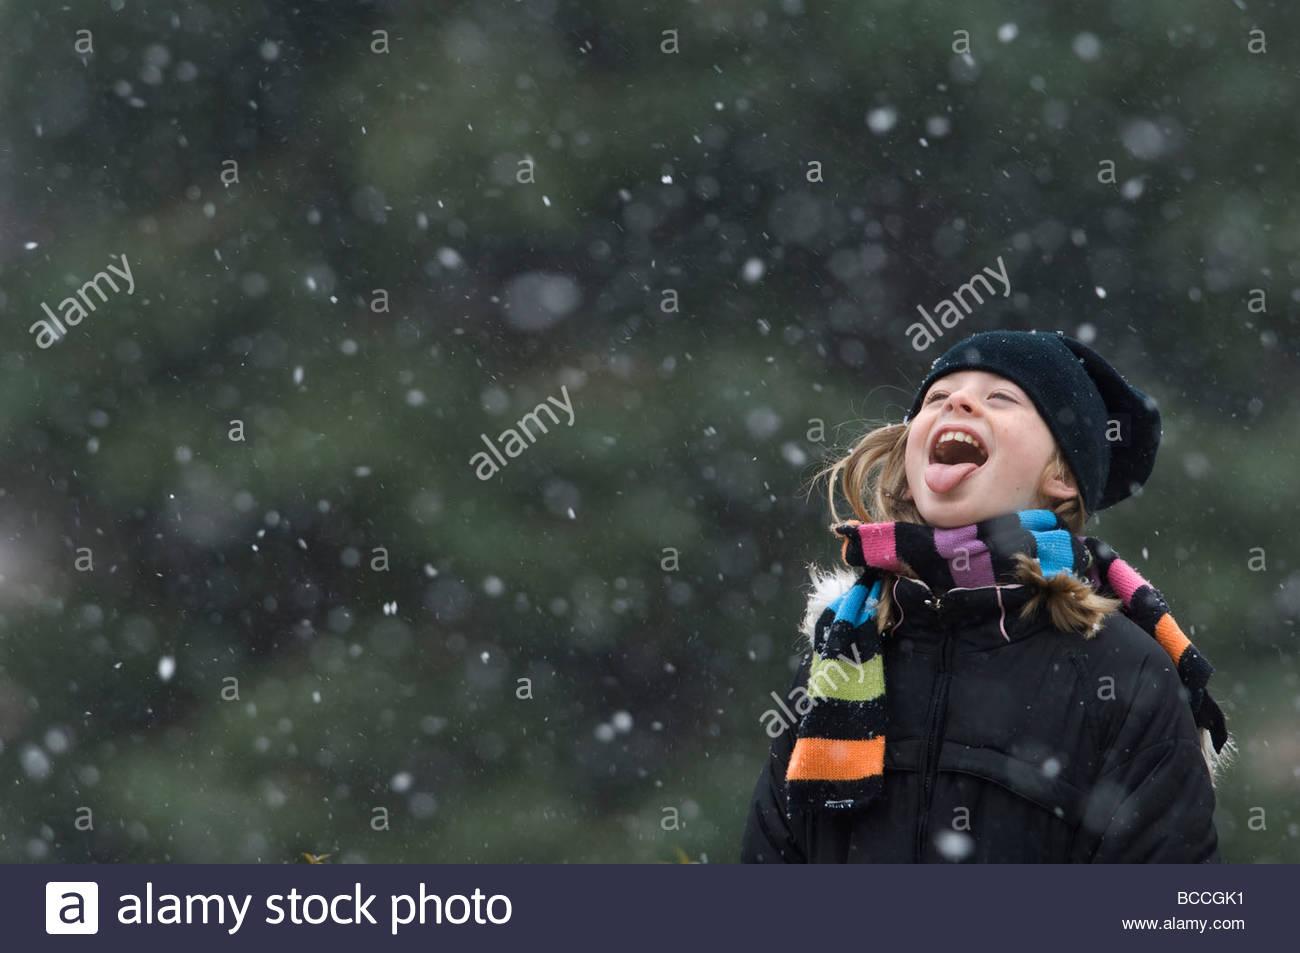 A 10 ans, passe du temps à l'extérieur durant les saisons première neige. Photo Stock